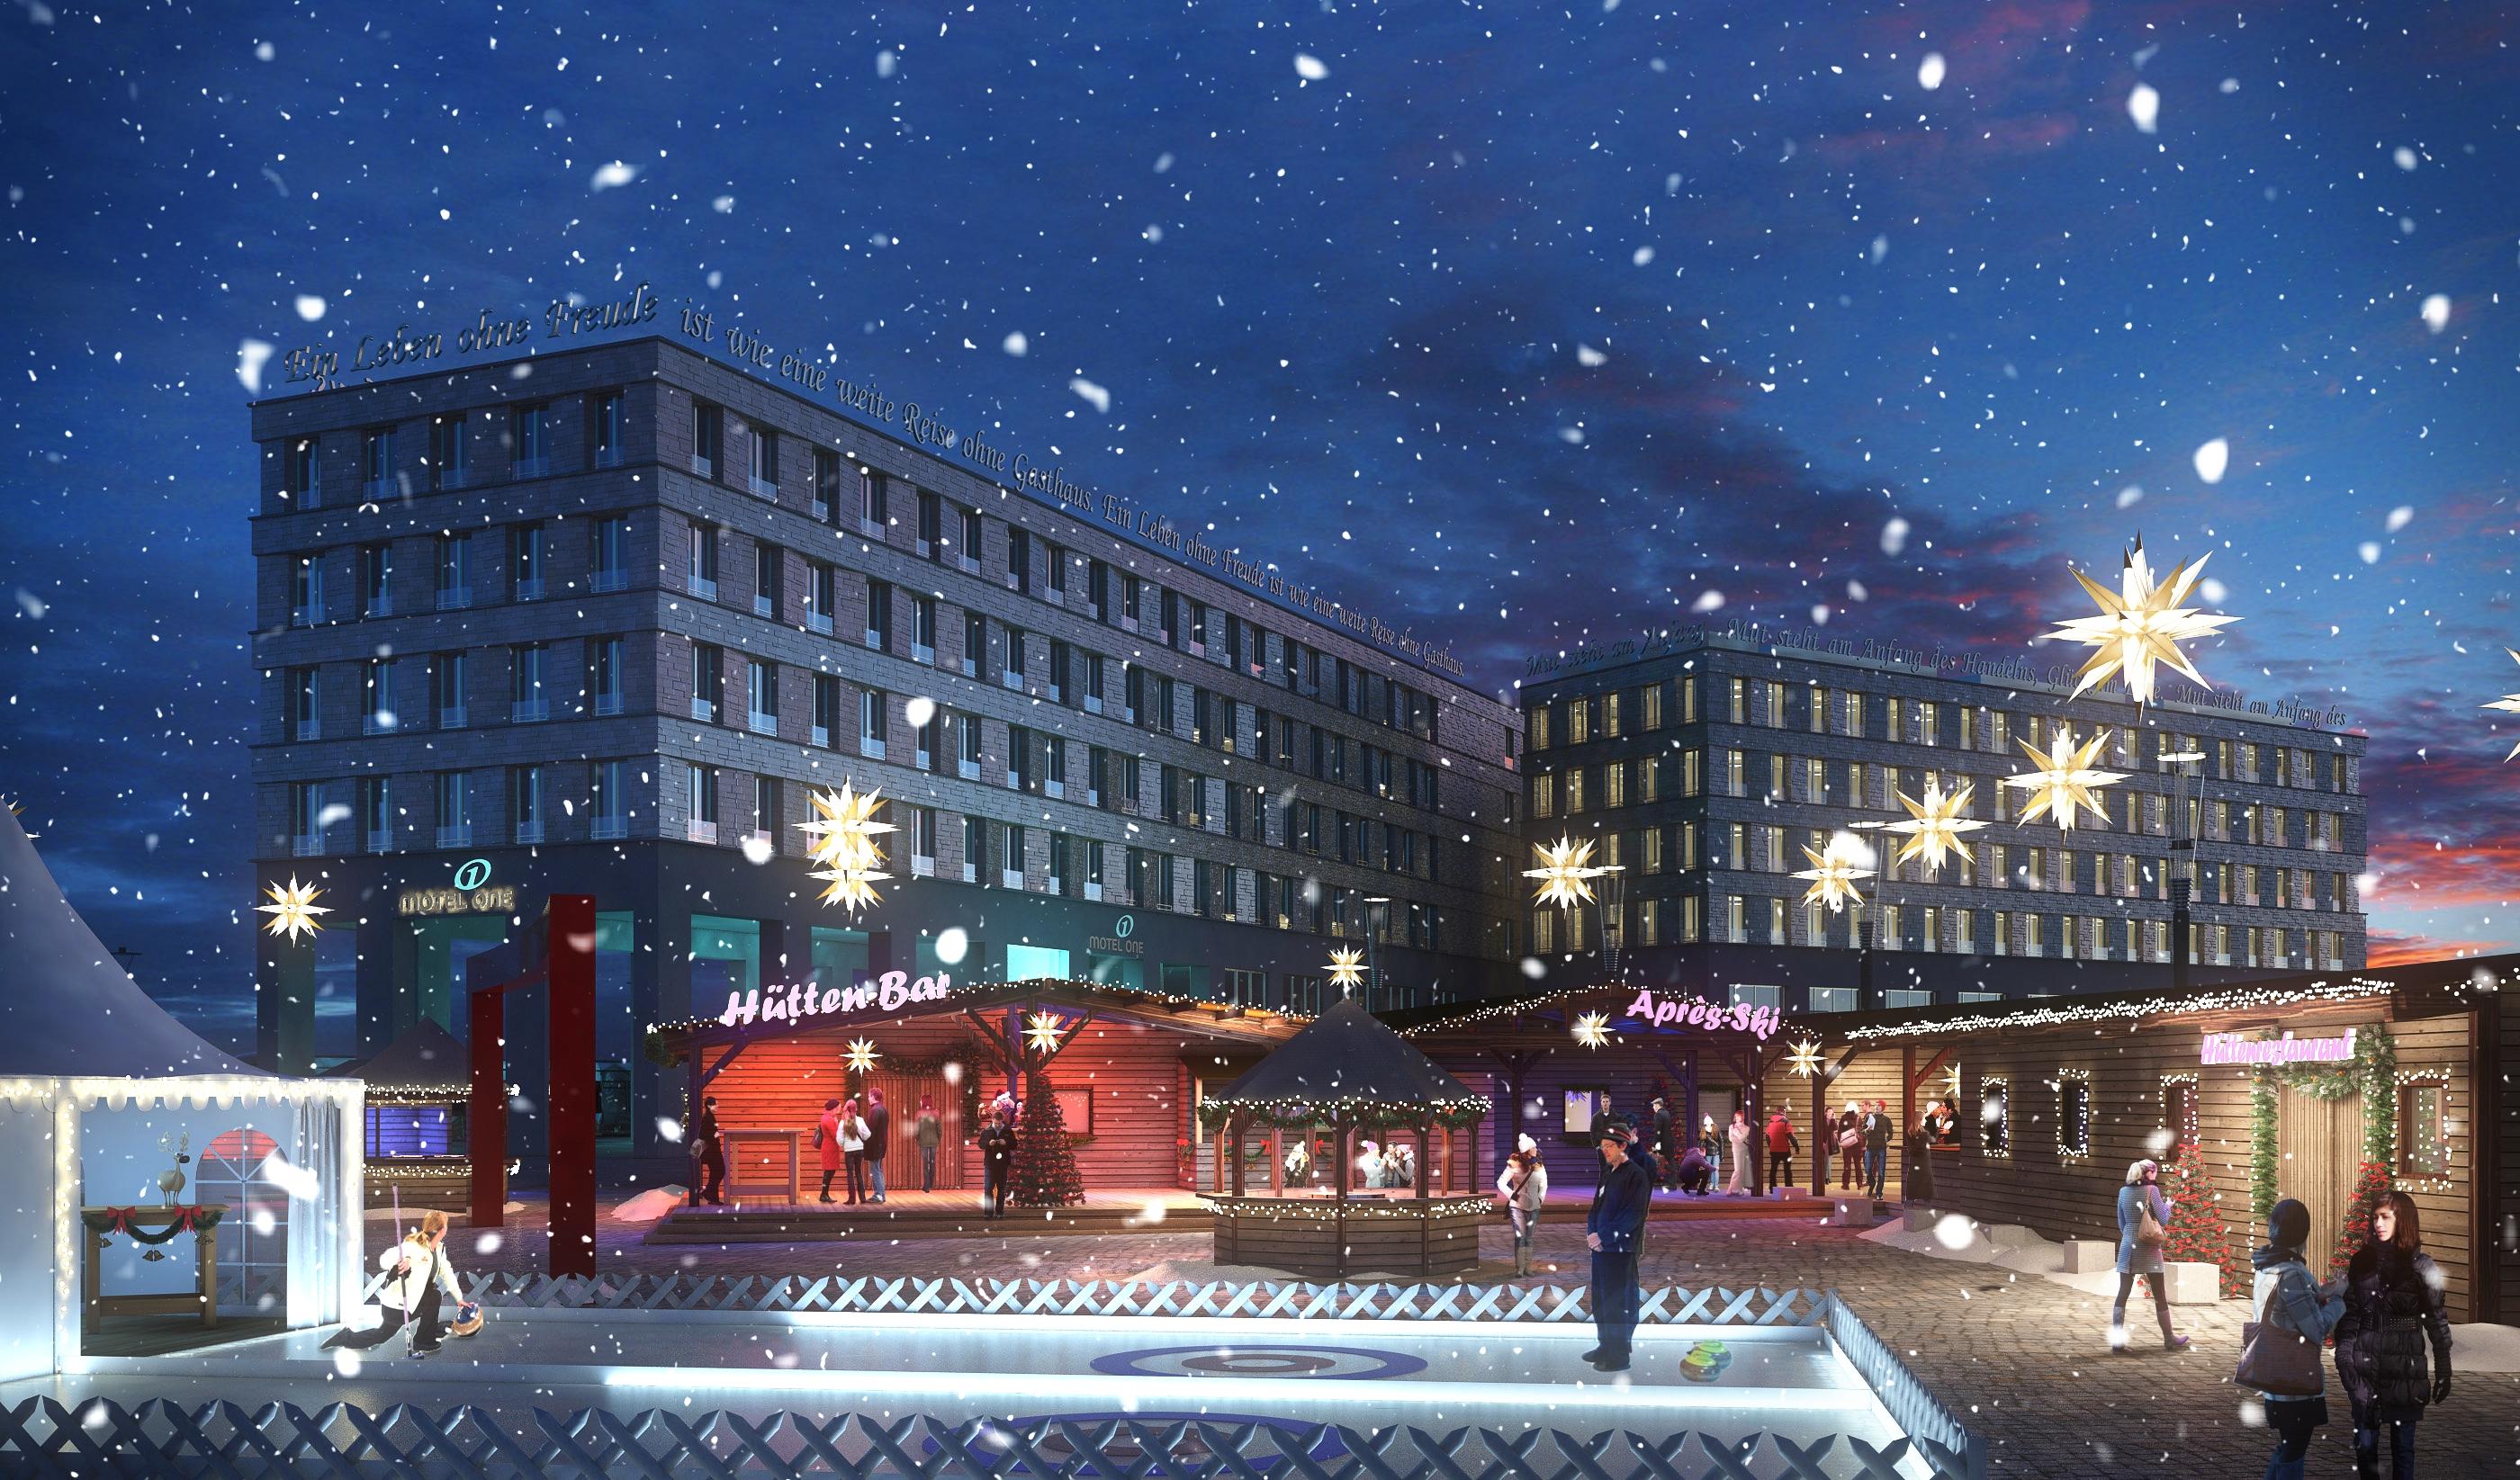 Weihnachtsmarkt In Dresden.Dresdner Hüttenzauber Dresdner Hüttenzauber